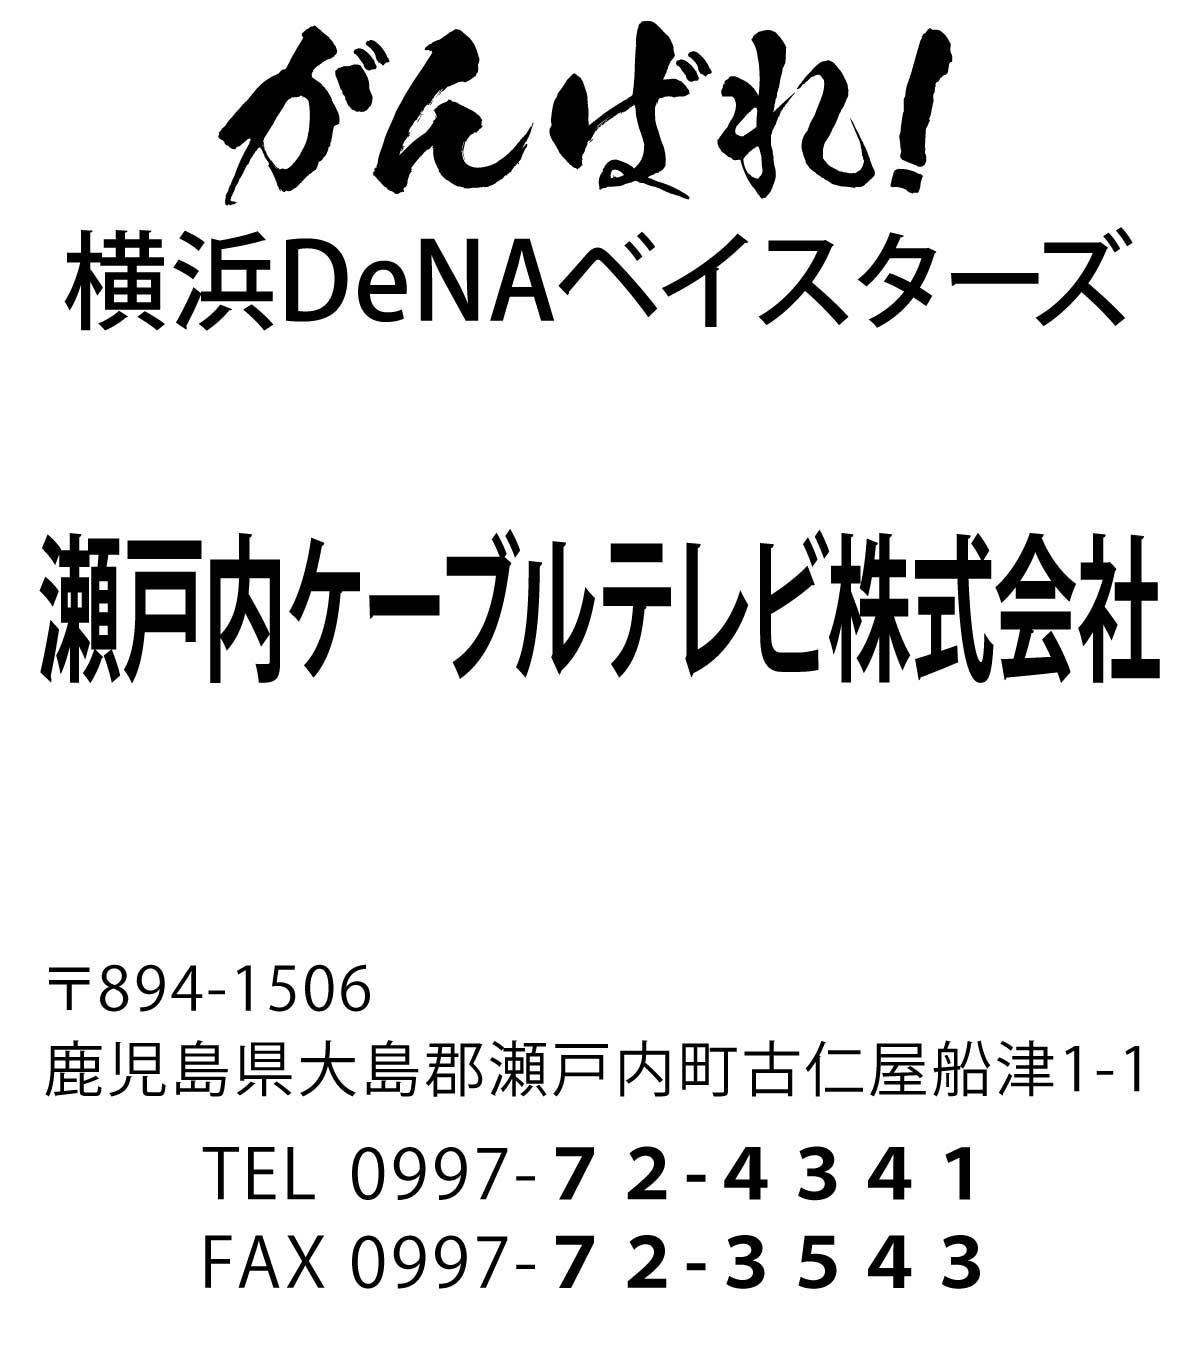 We Love 横浜DeNAベイスターズ #20